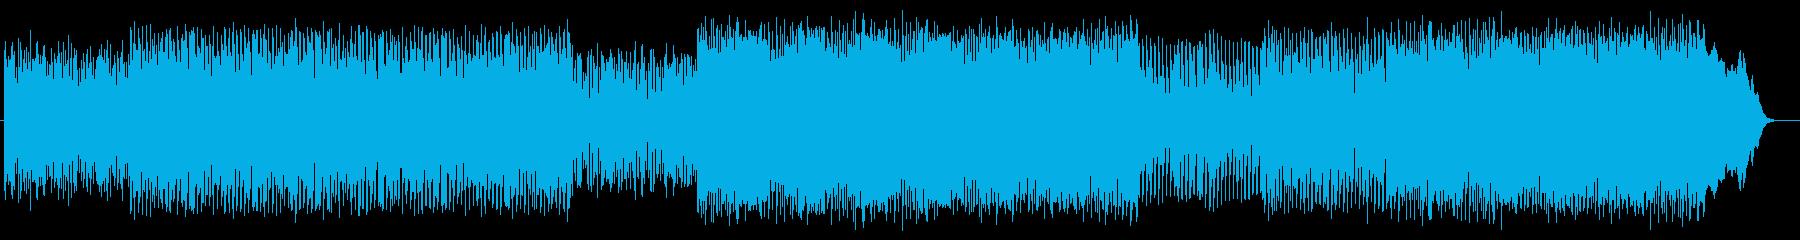 リズム感があり疾走感のあるテクノの再生済みの波形